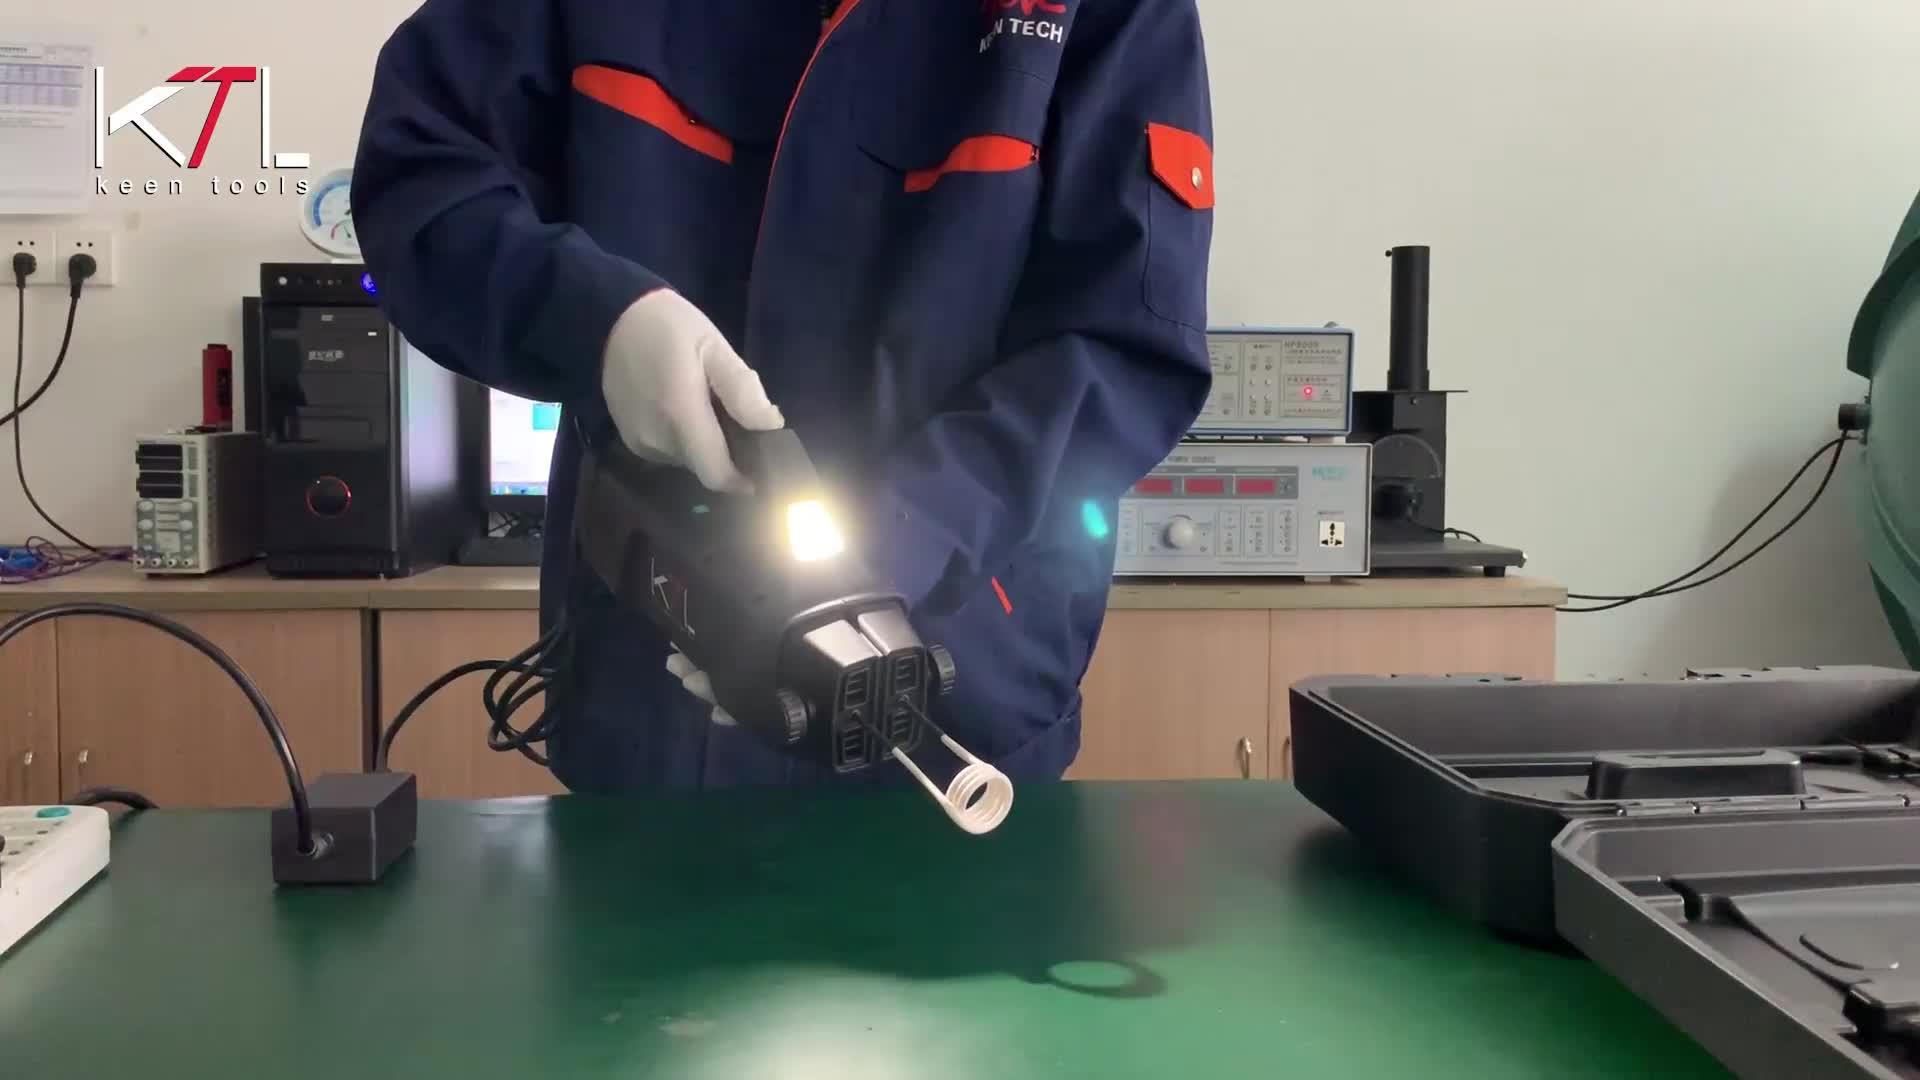 छोटे प्रेरण हीटर के साथ 1500w उच्च शक्ति बोल्ट और कीलक के लिए